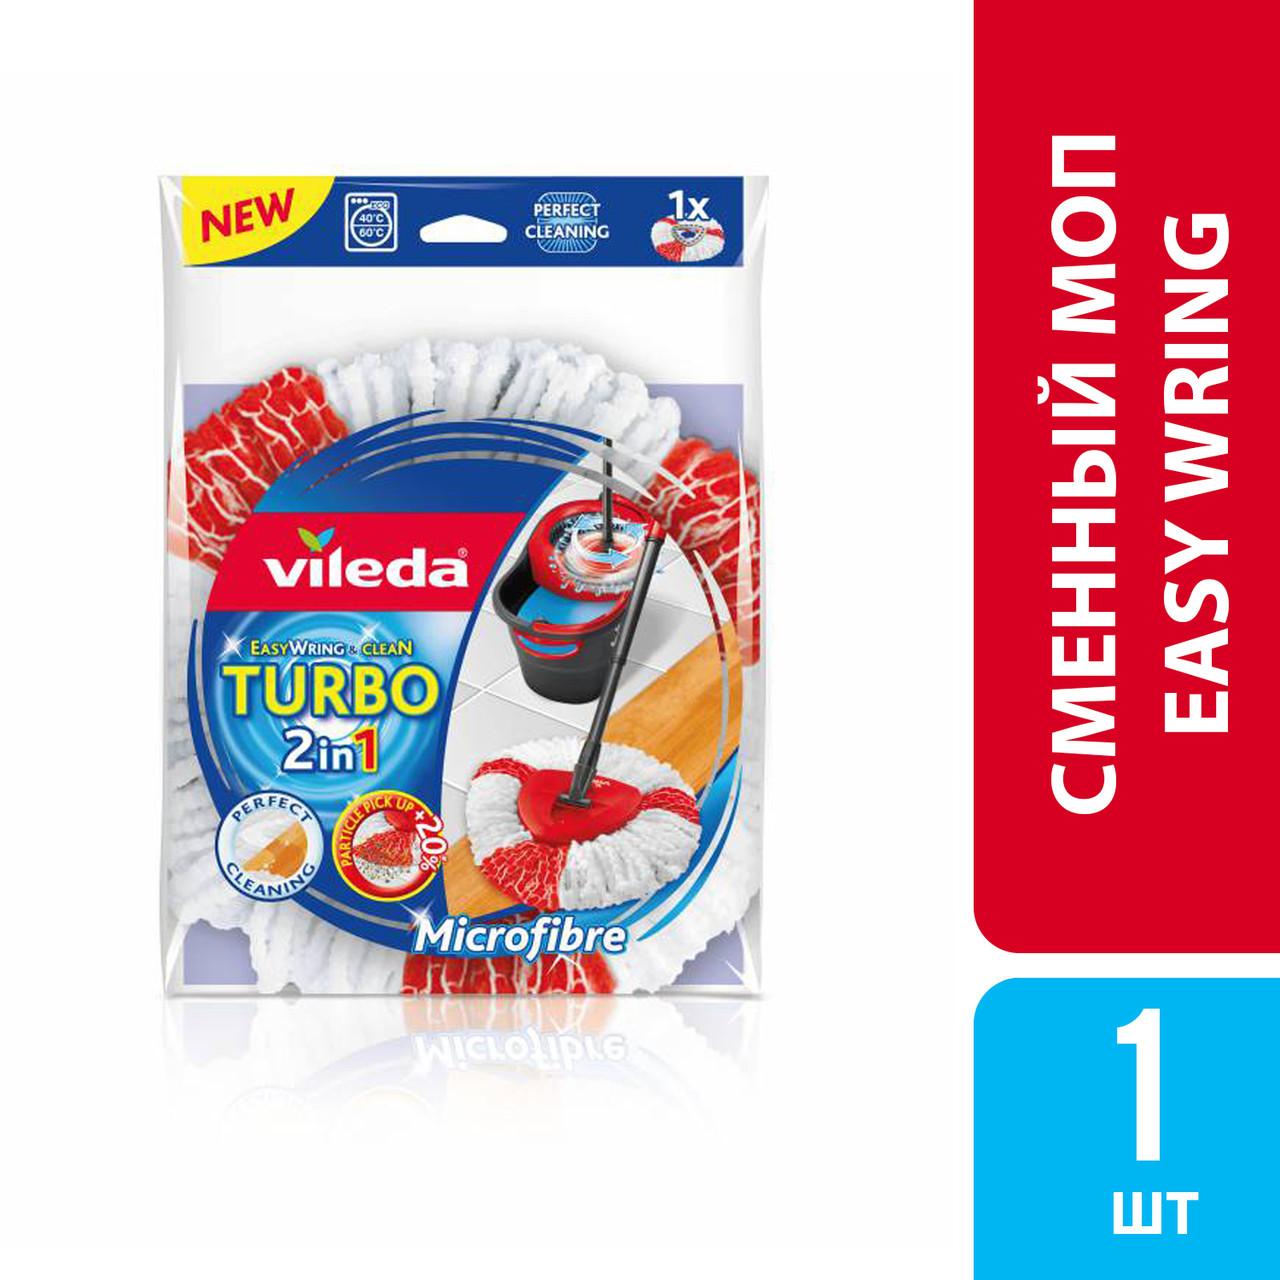 Сменный моп для швабры EasyWring & Clean TURBO, Vileda, 1 шт.